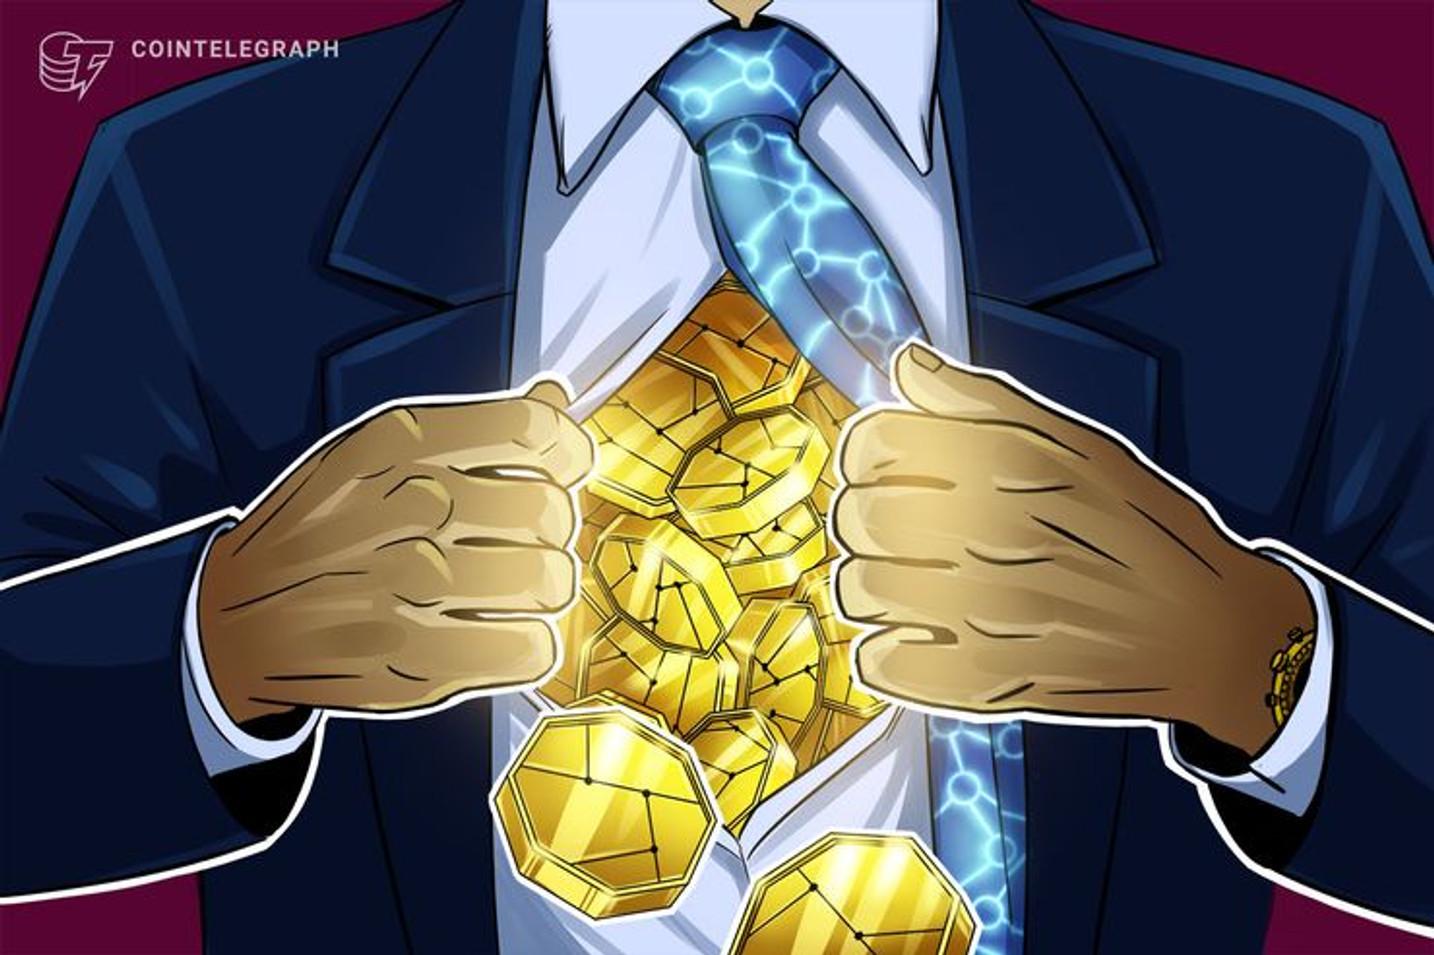 Empresa portuguesa implementa 3.000 pontos de venda de Bitcoin e outras criptomoedas